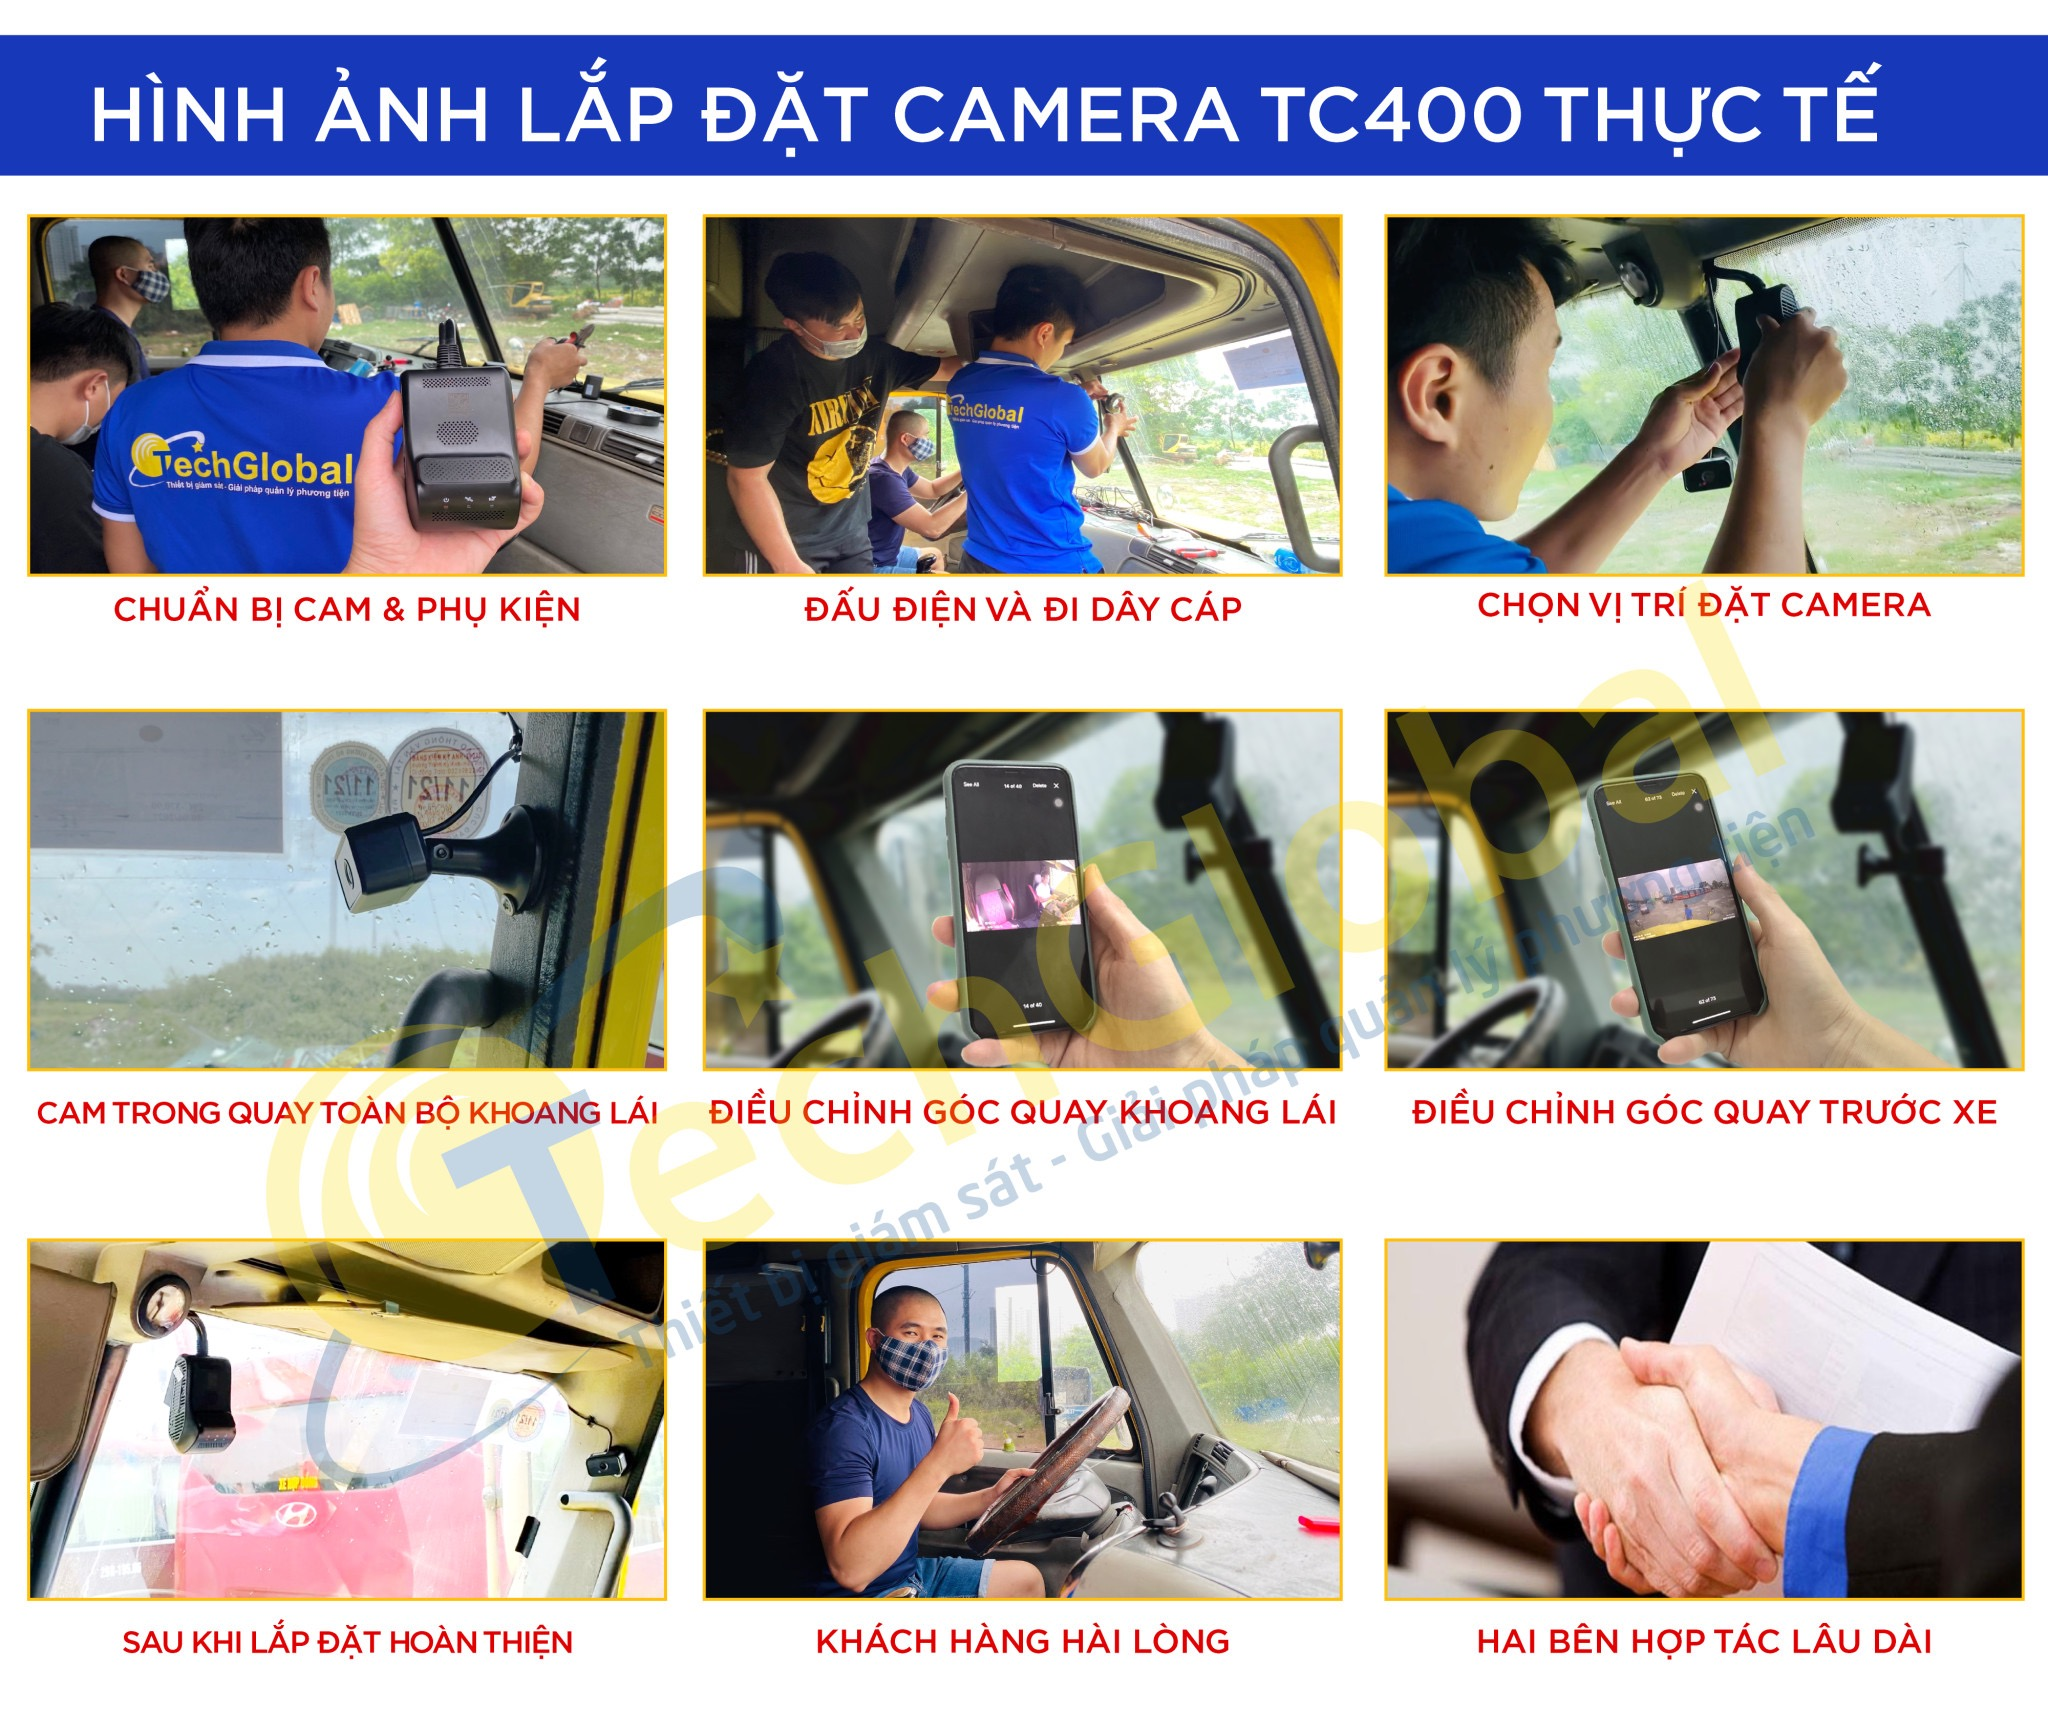 Huong-dan-lap-dat-camera-tc400-rat-don-gian